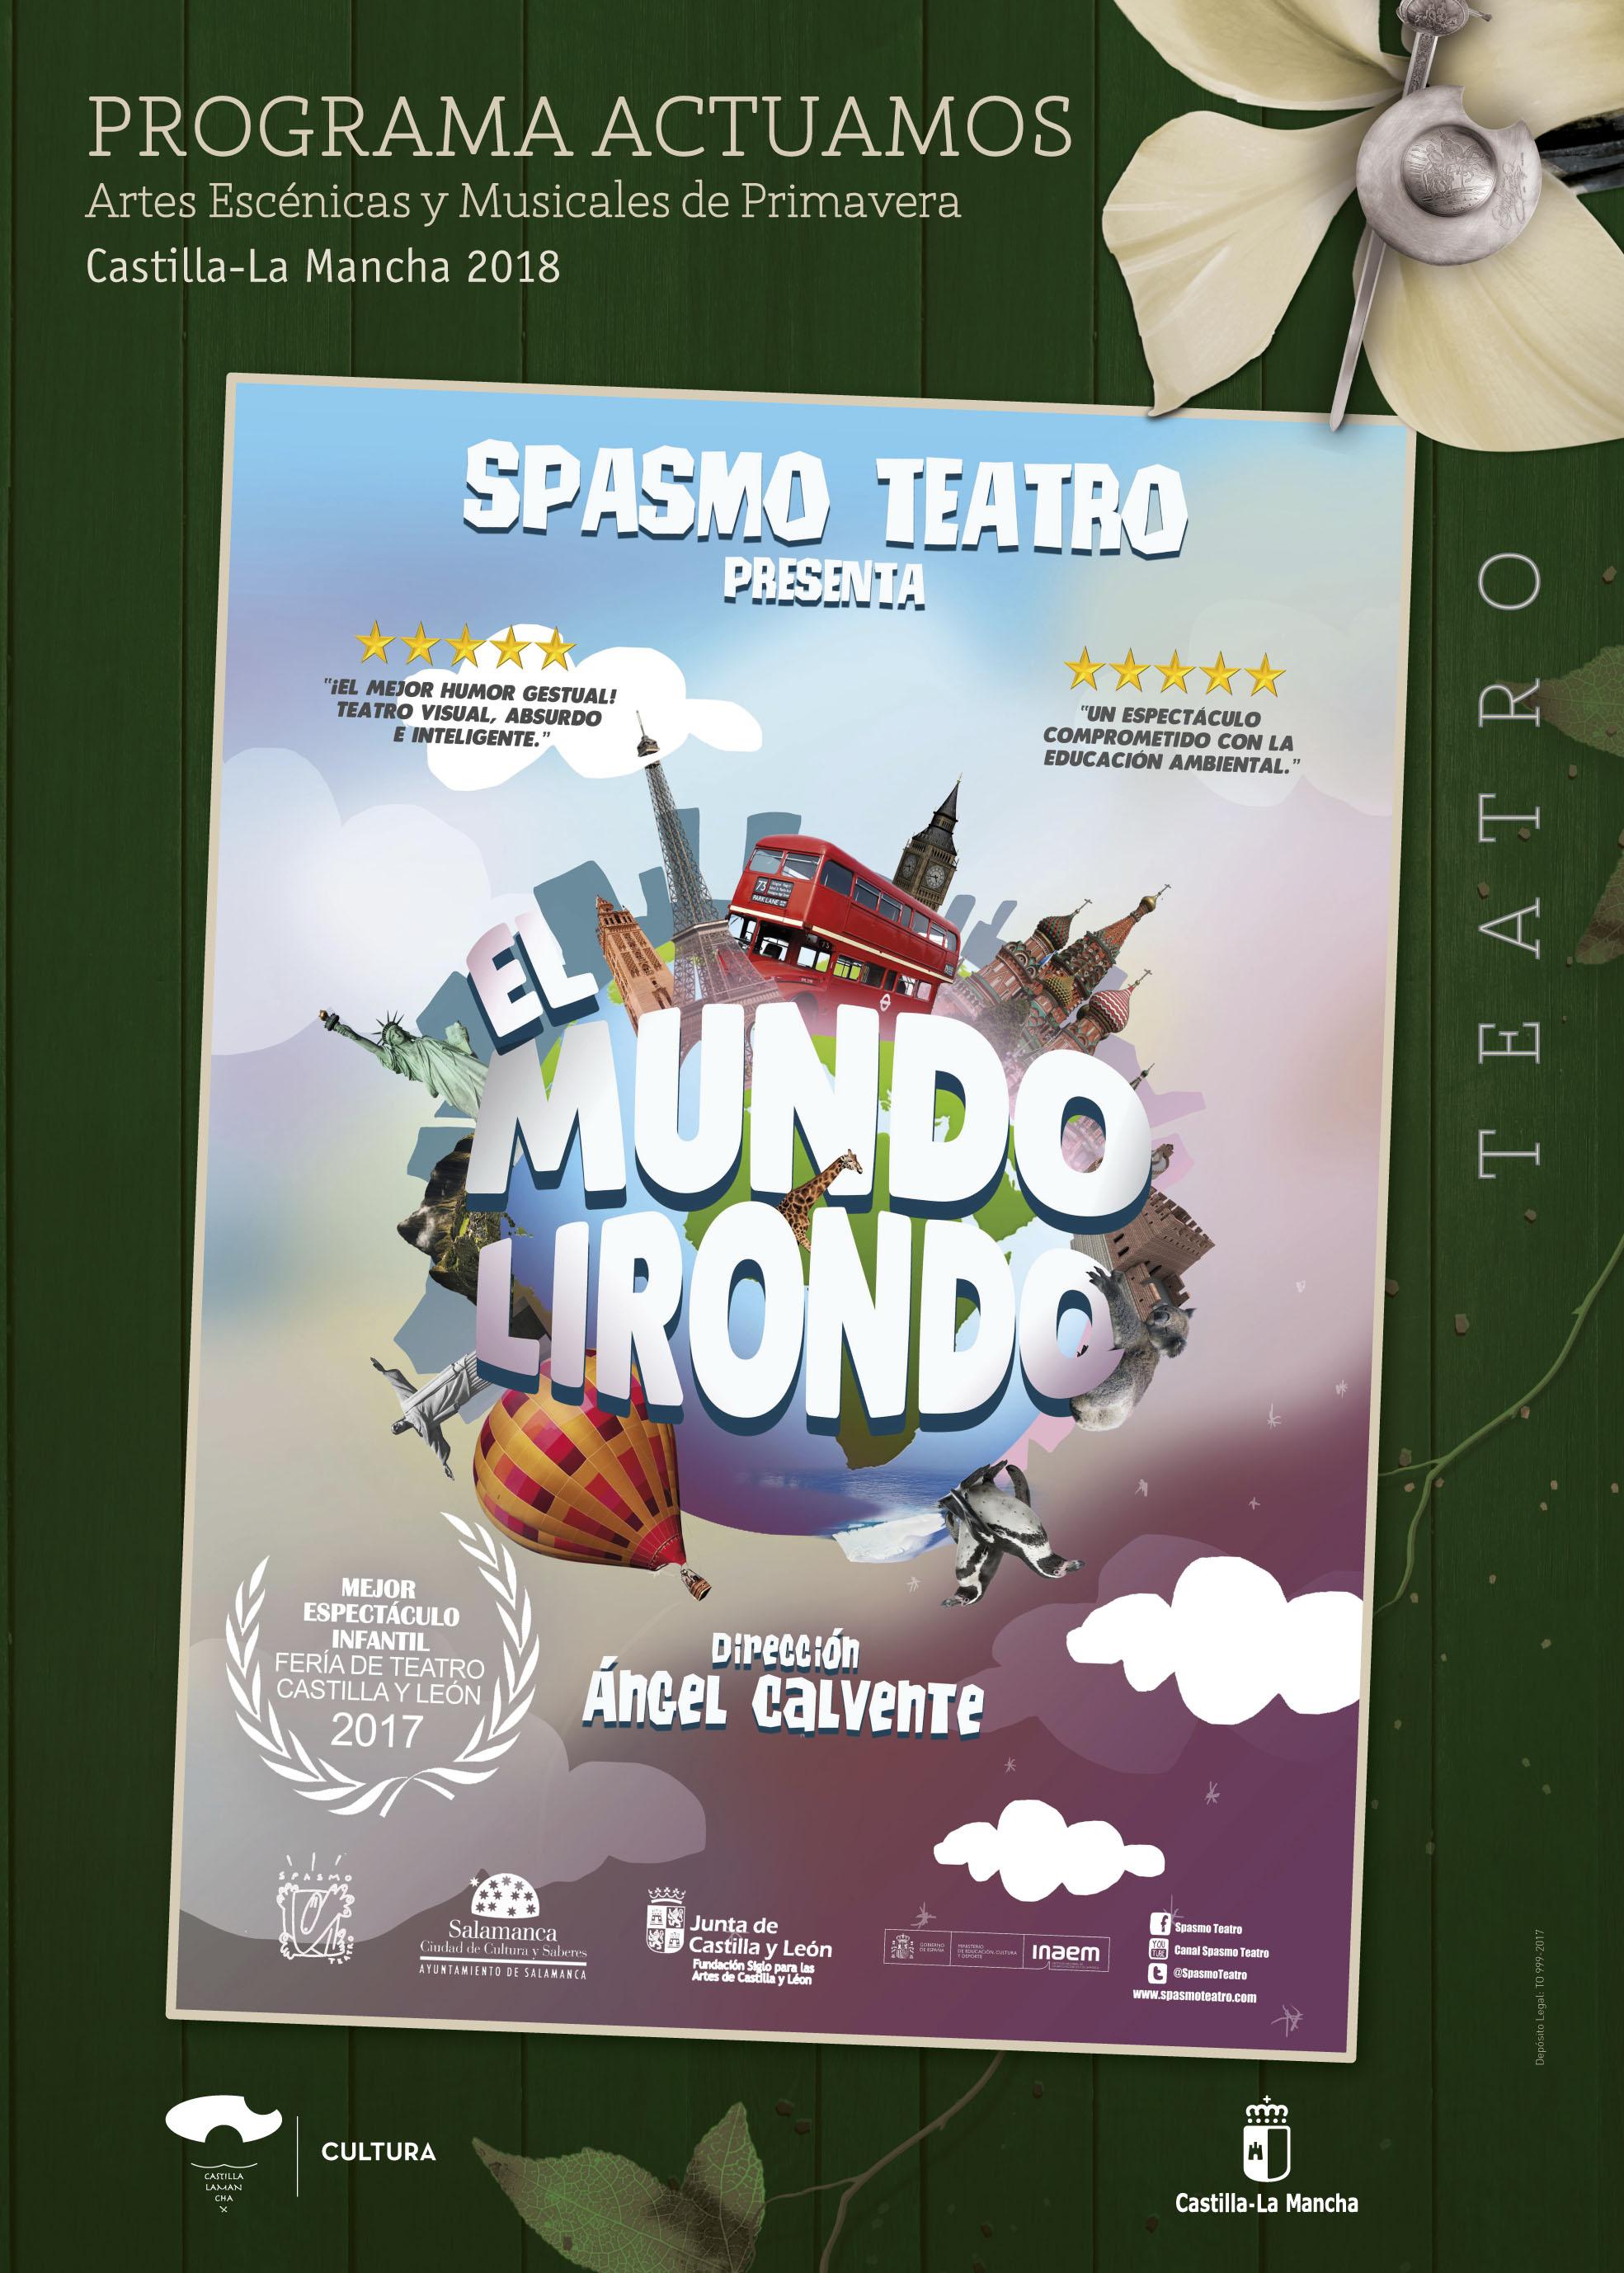 Imagen de la actividad EL MUNDO LIRONDO (Spasmo Teatro)